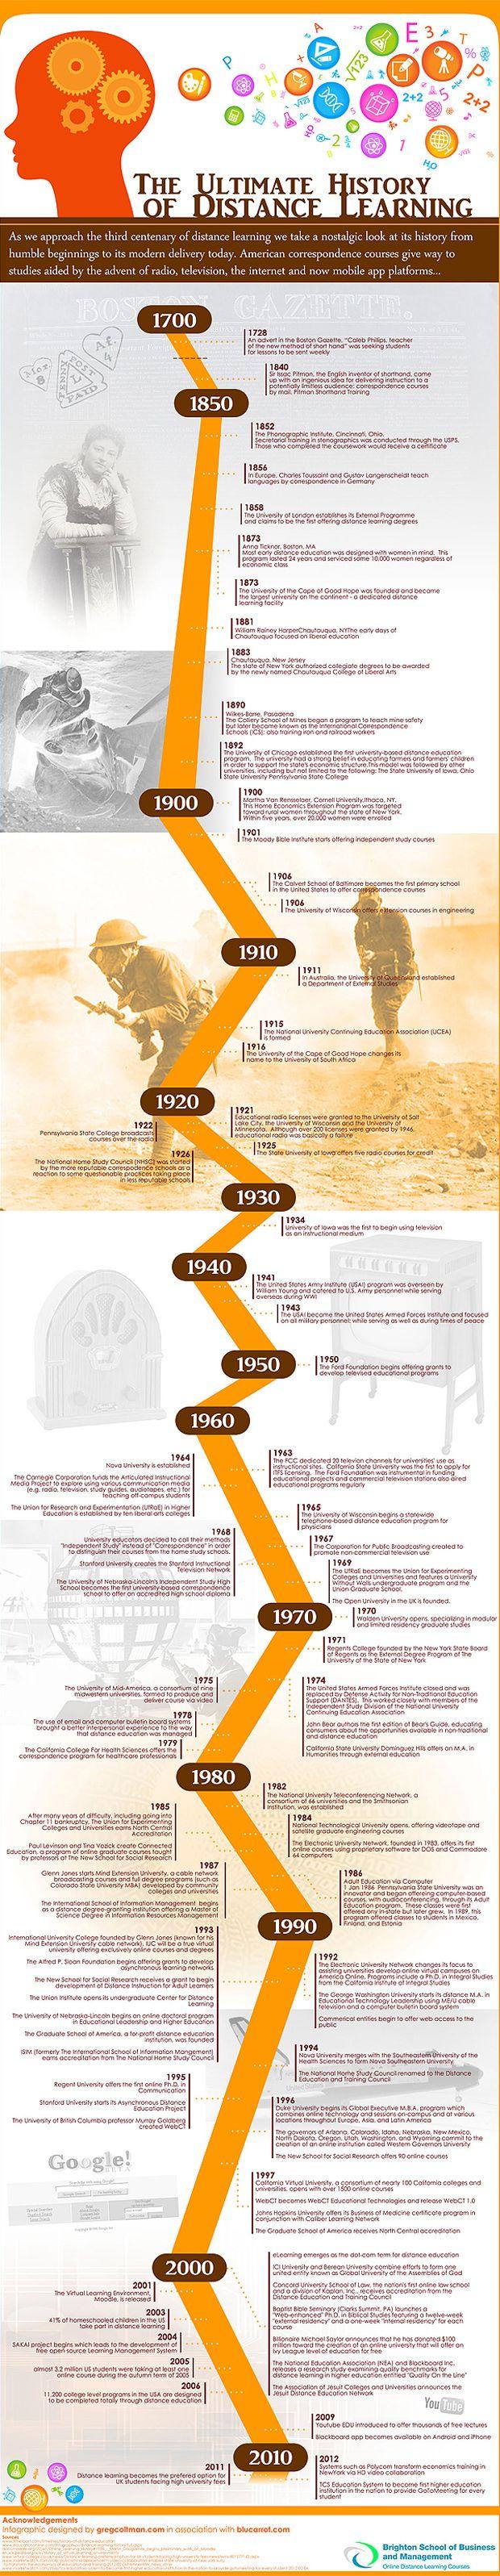 Infografia sobre la historia de la educación a distancia